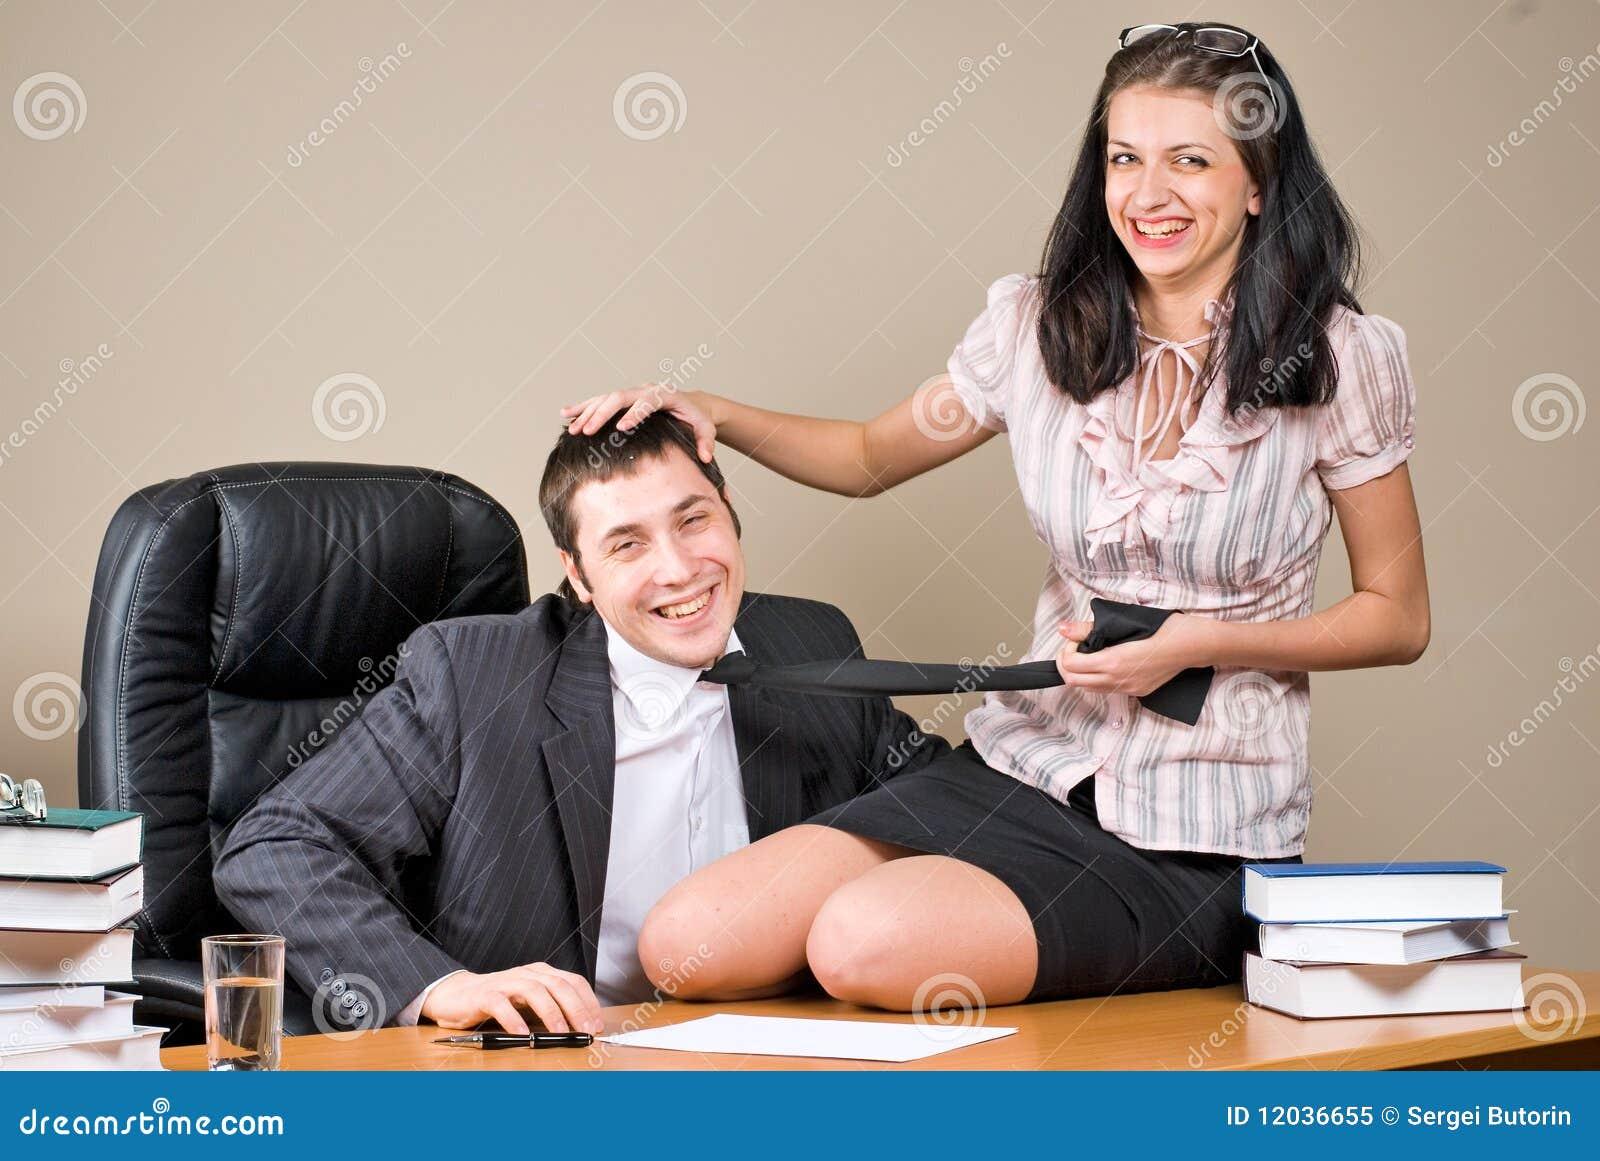 Секретарша и босс фото рисунки — 11